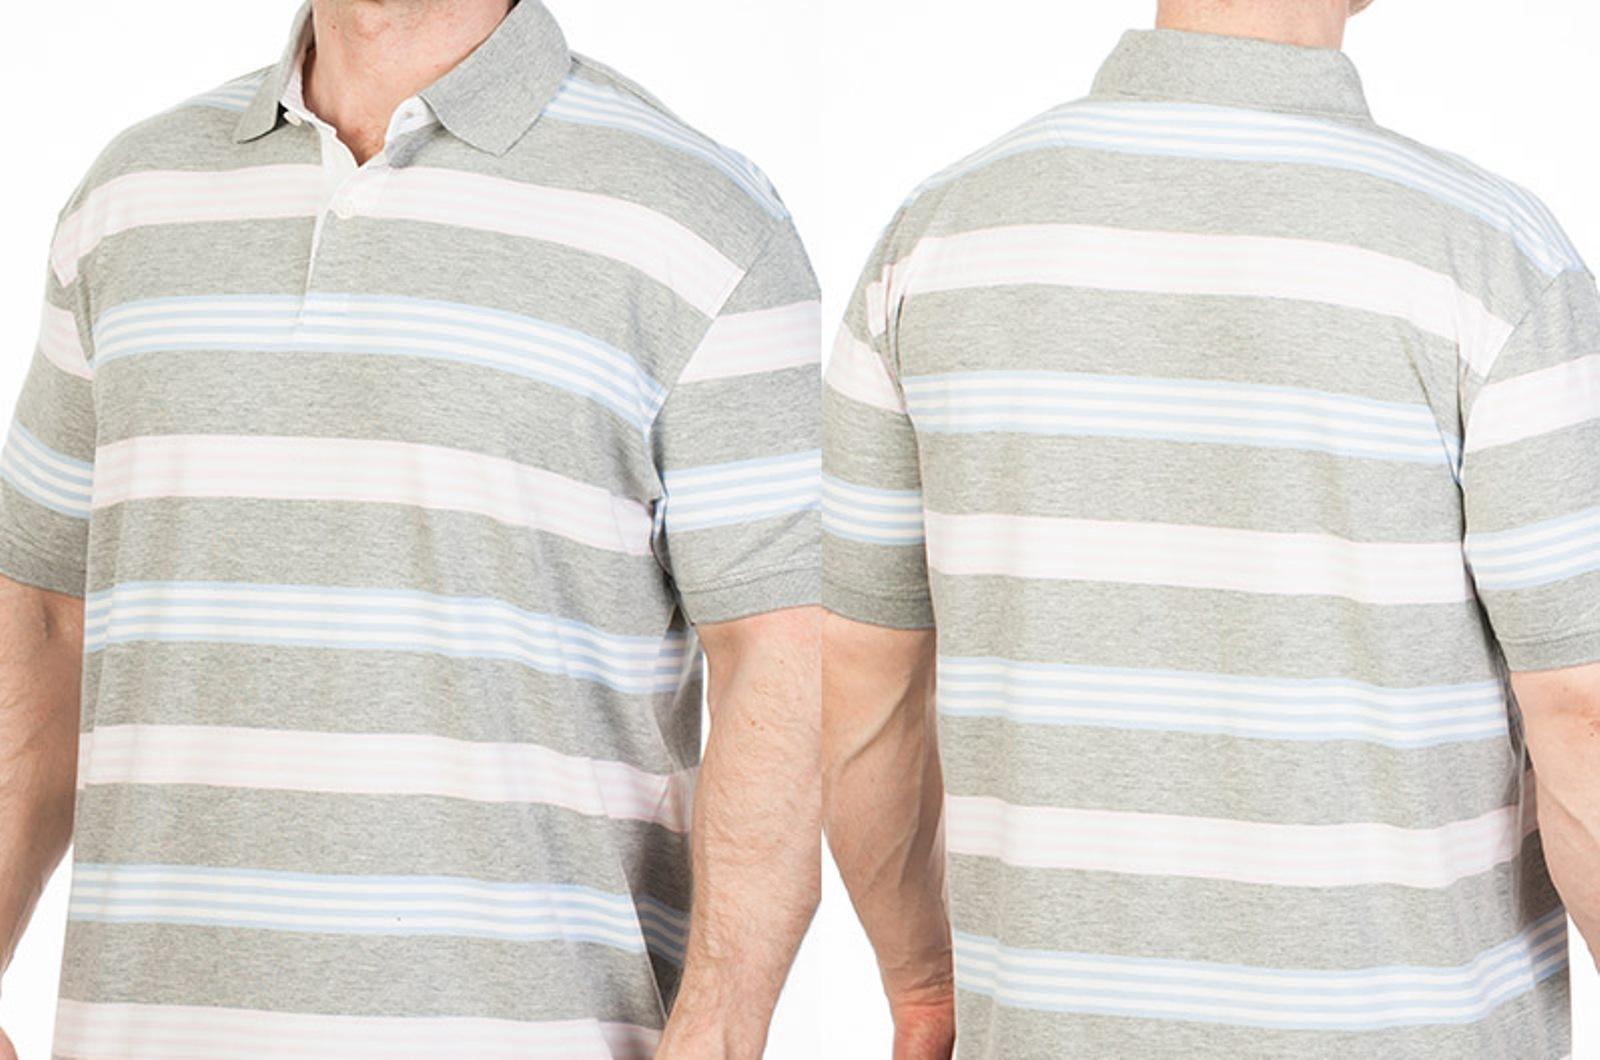 Мужская футболка-поло в полоску в интернет-магазине